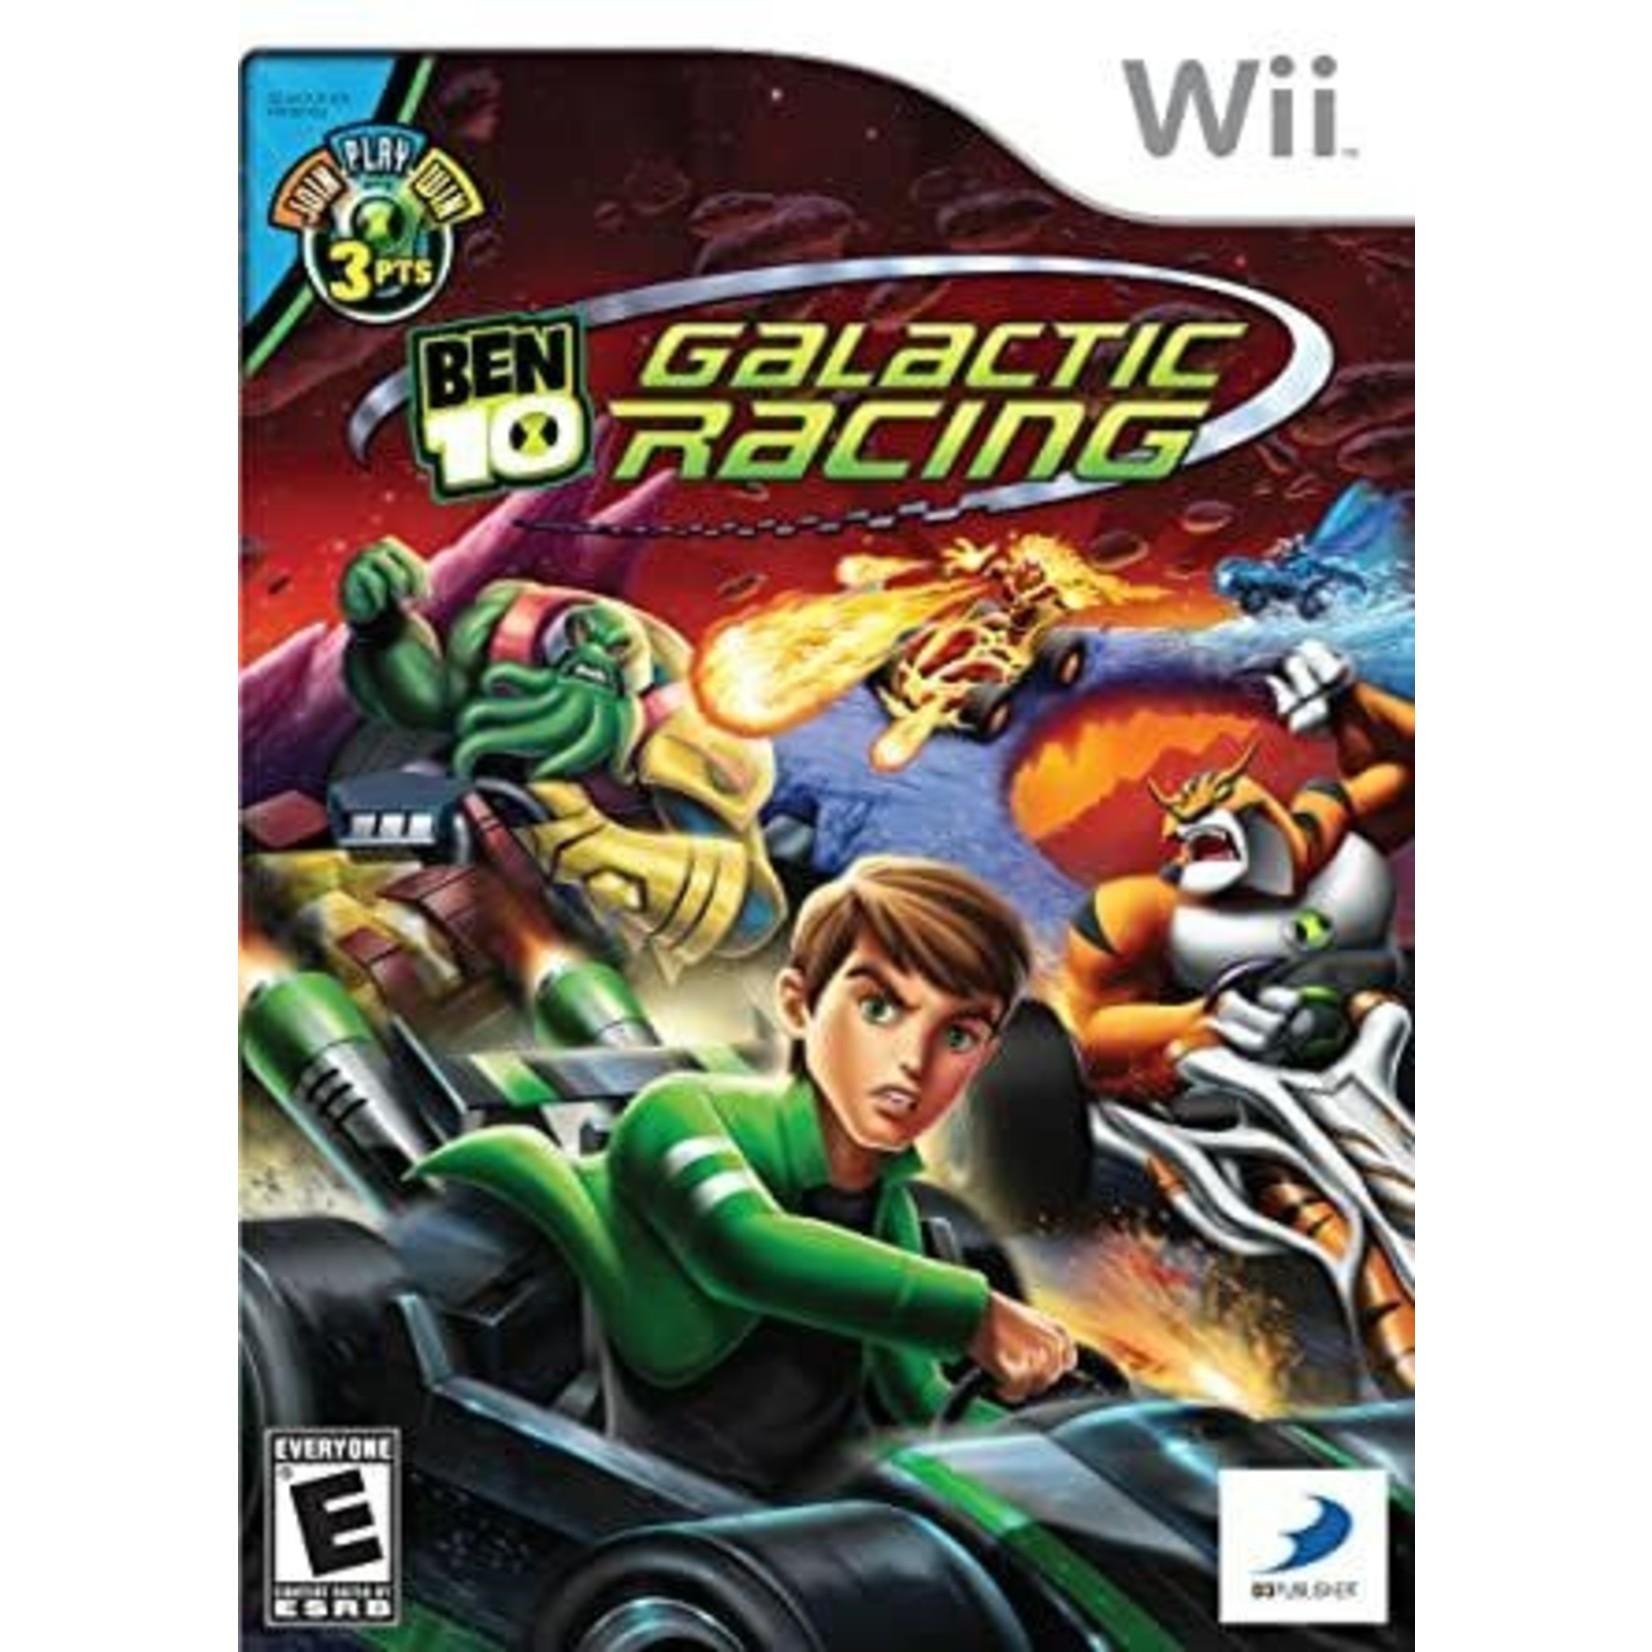 WII-Ben 10: Galactic Racing